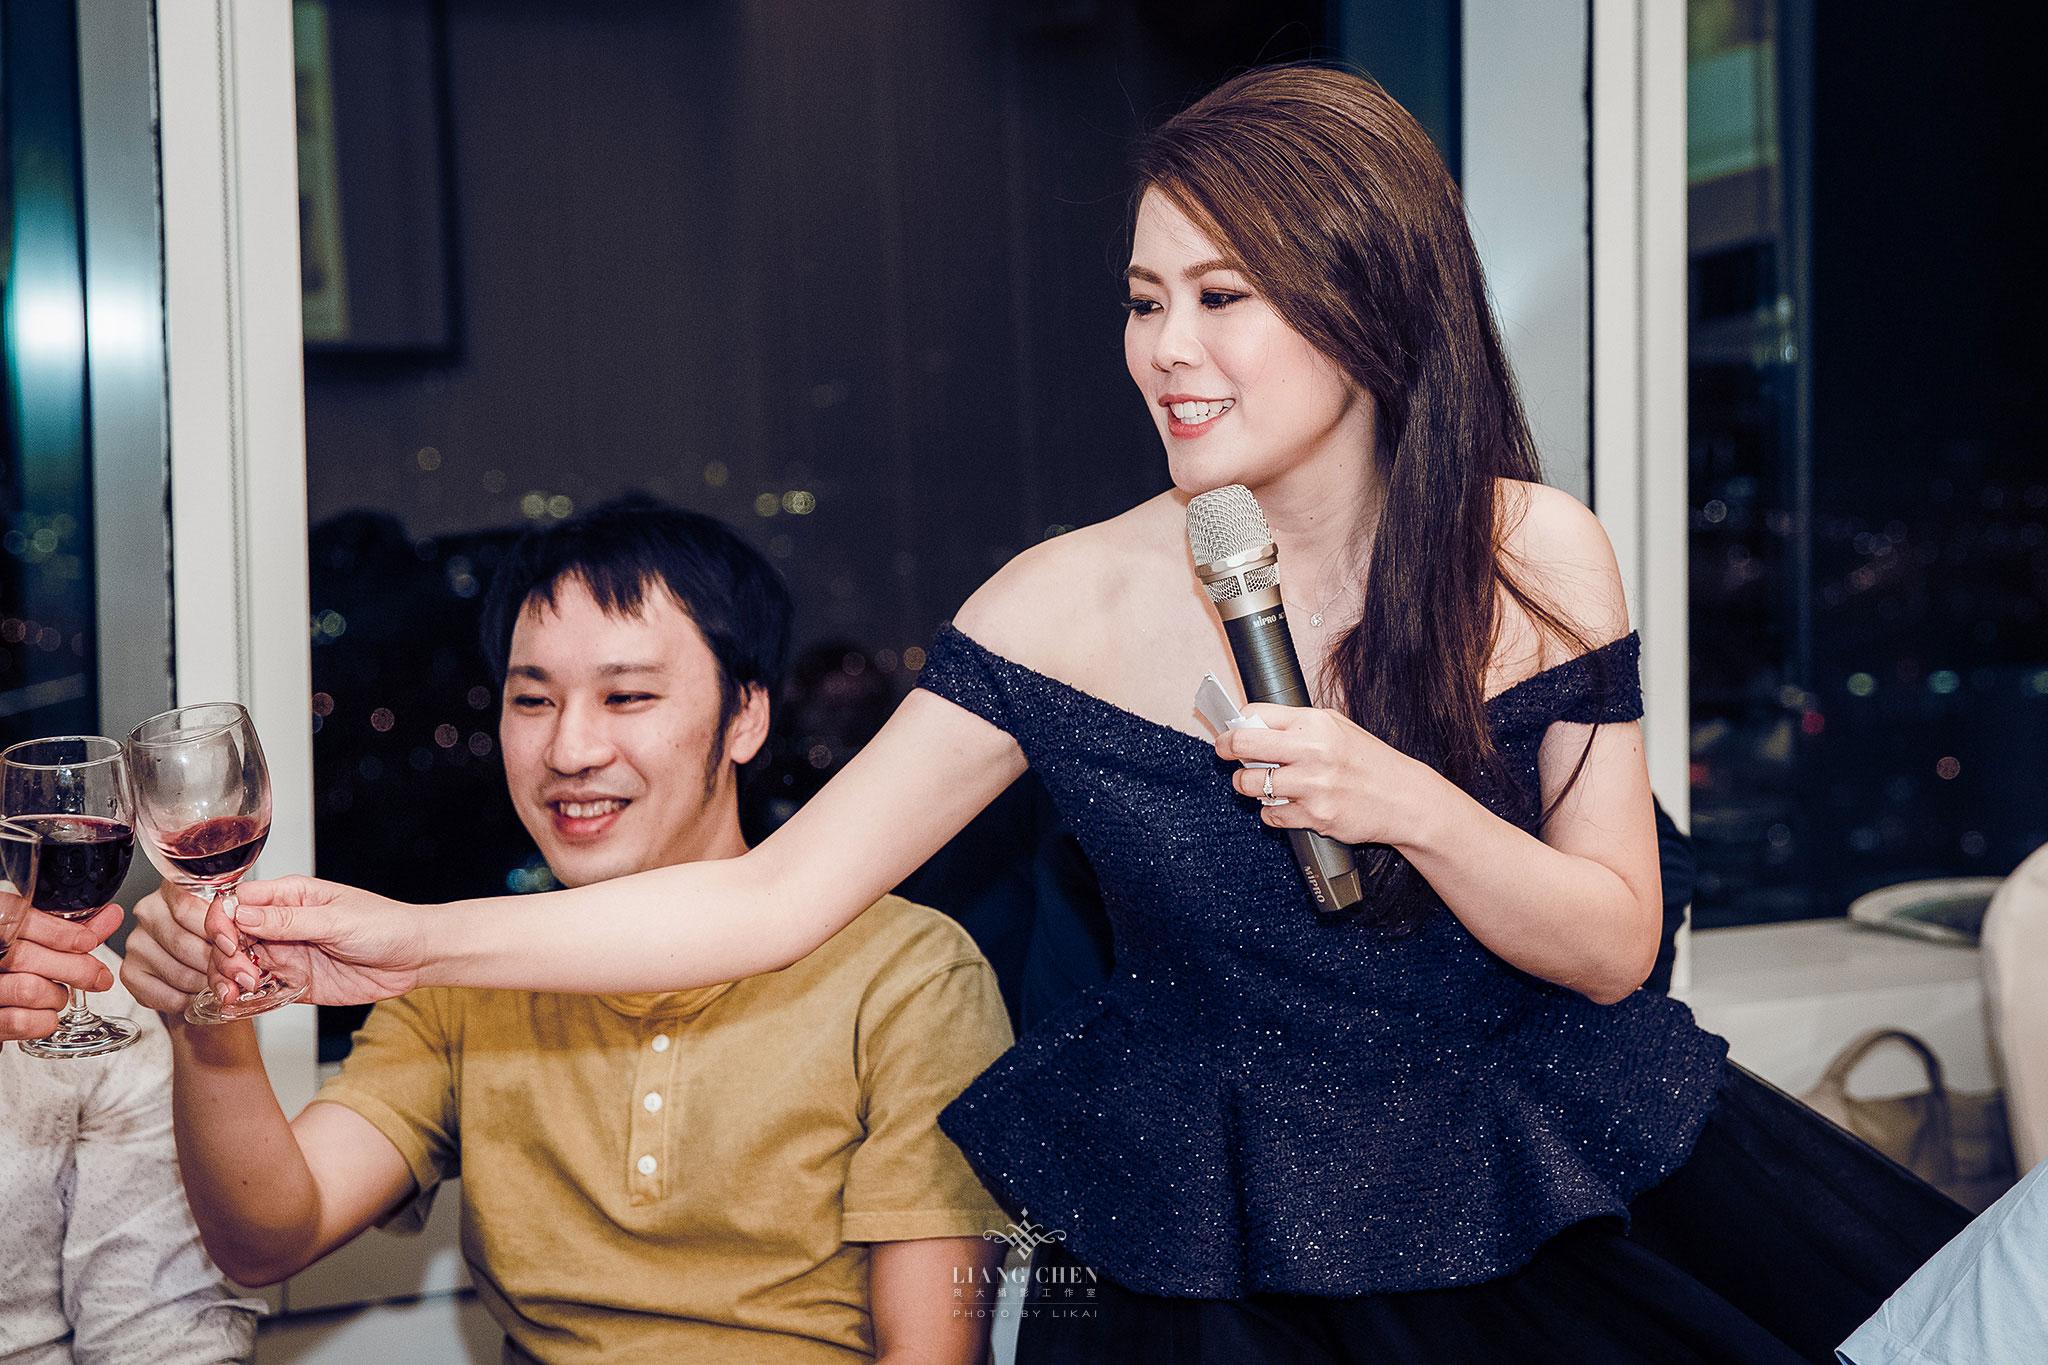 婚禮紀錄 - 佳璟 & 正欣 - 萬豪酒店